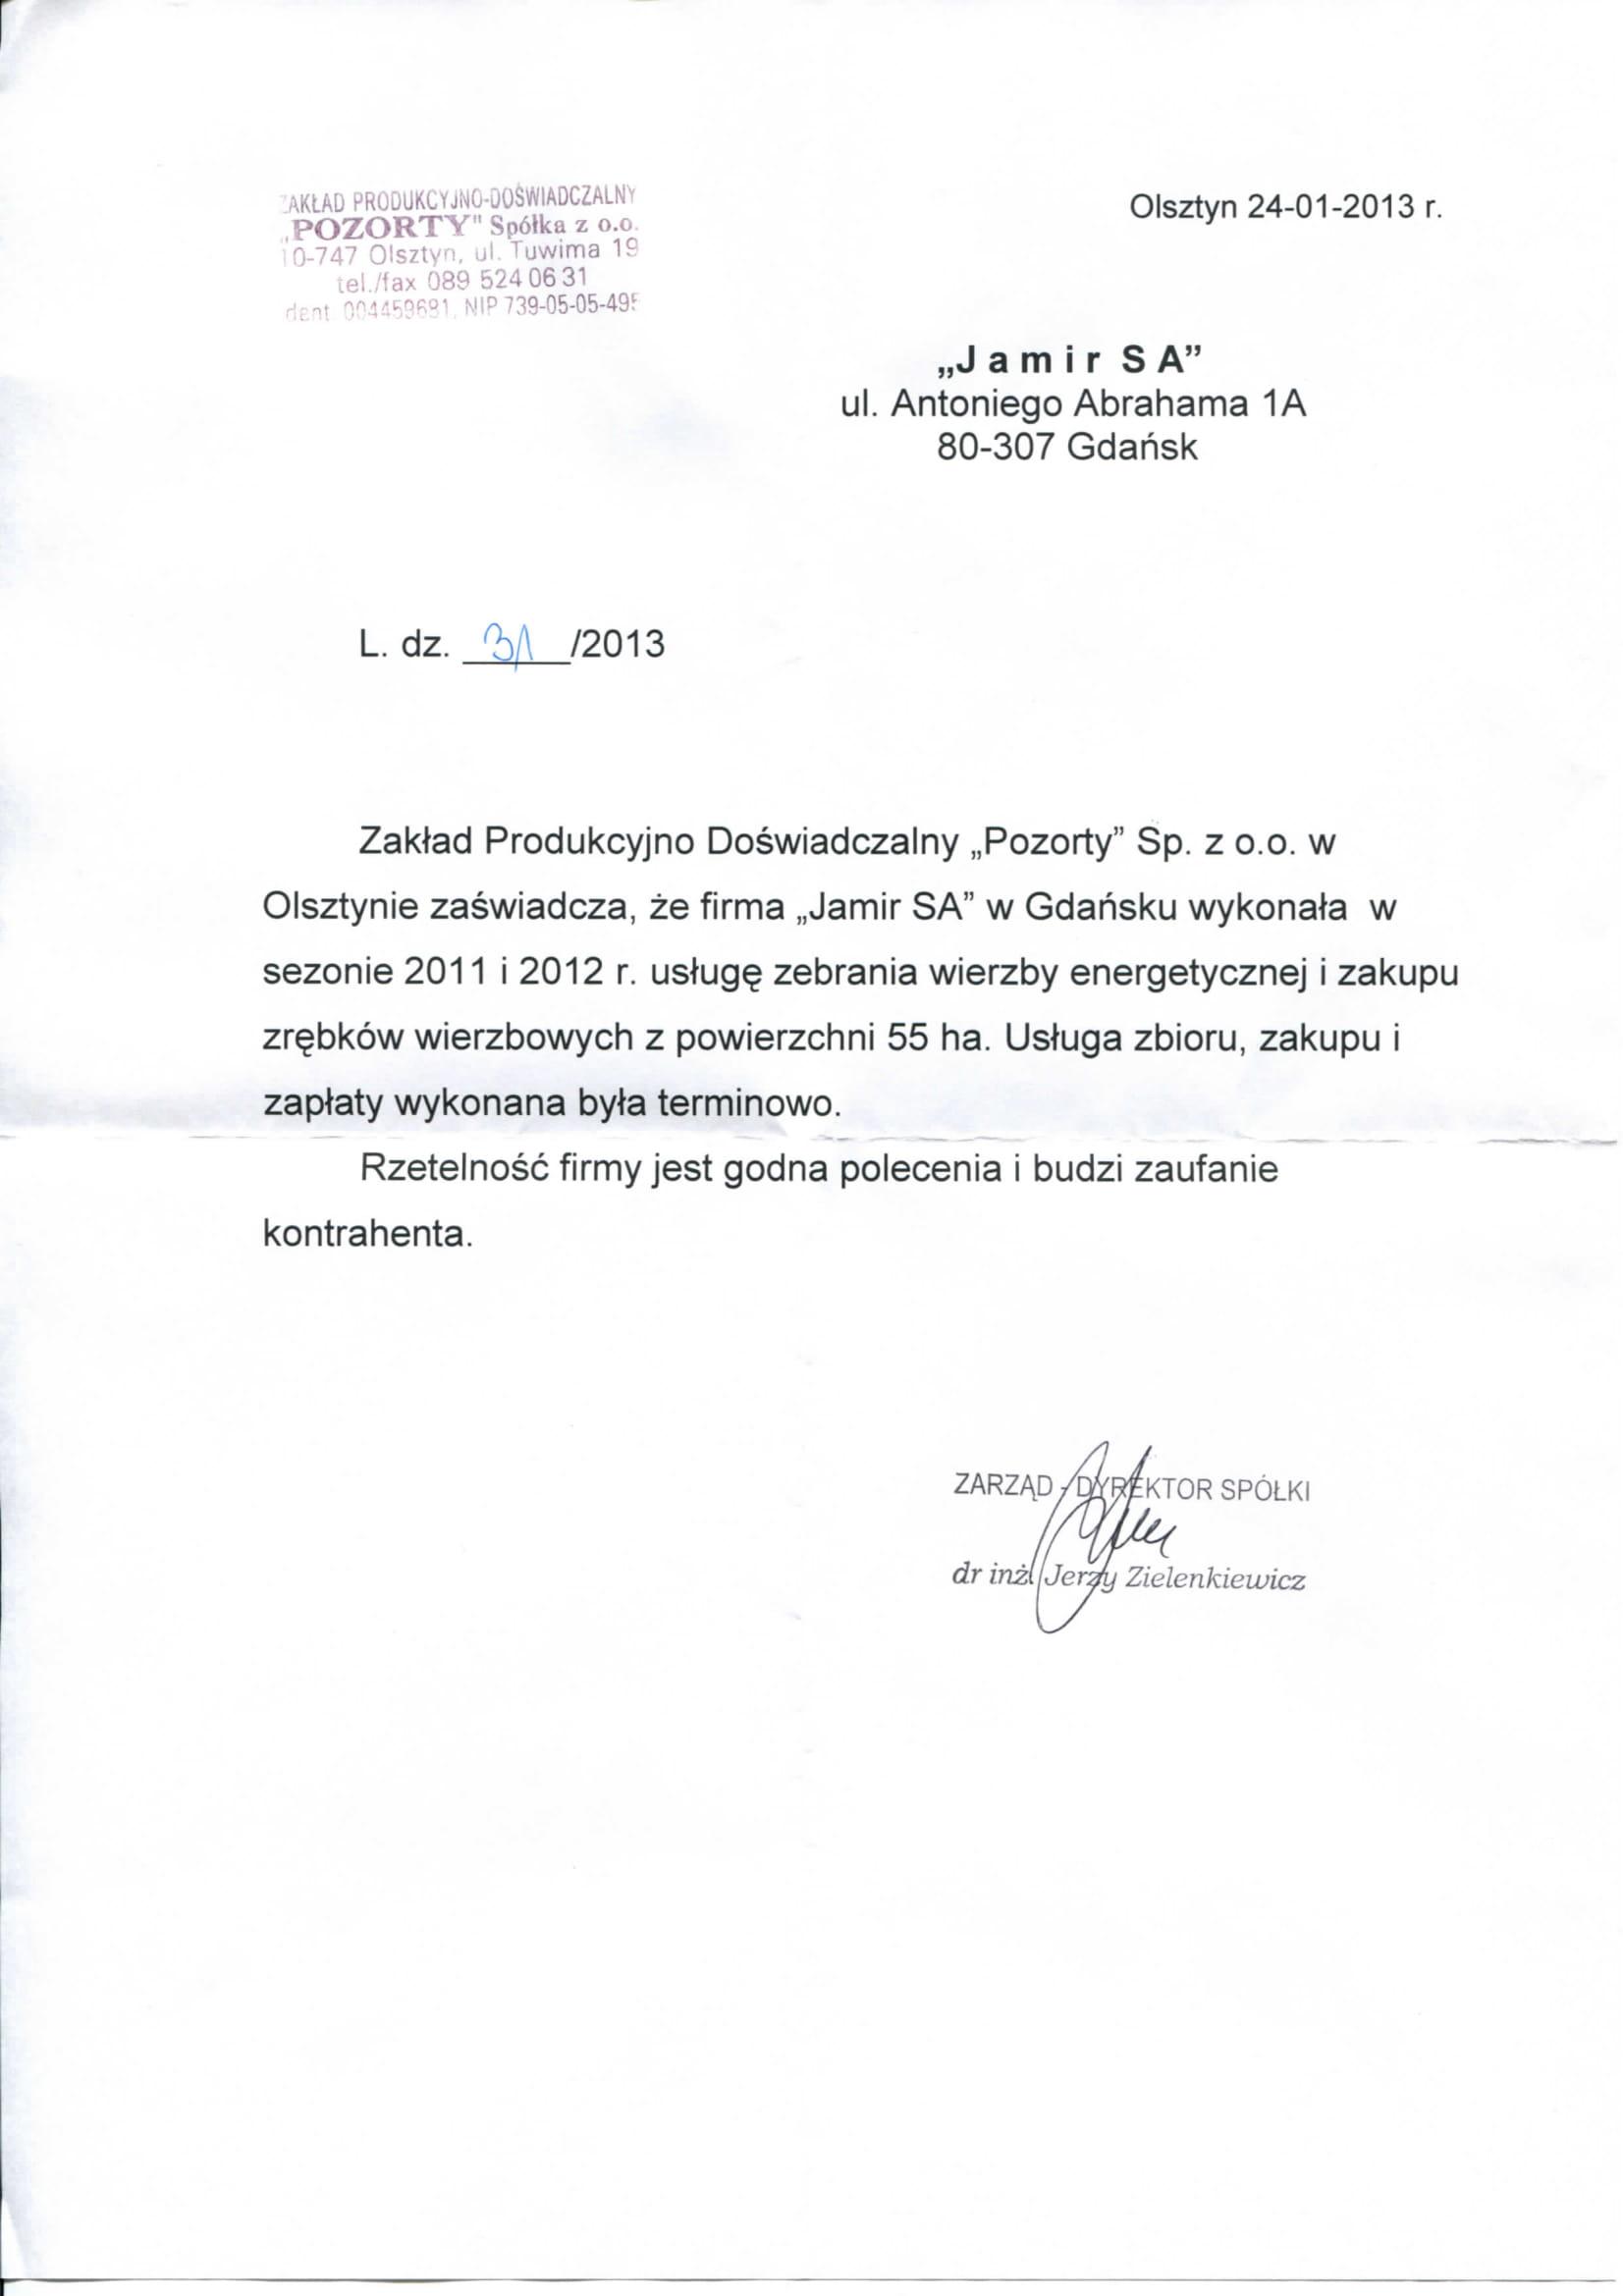 ZPD POZORTY-1